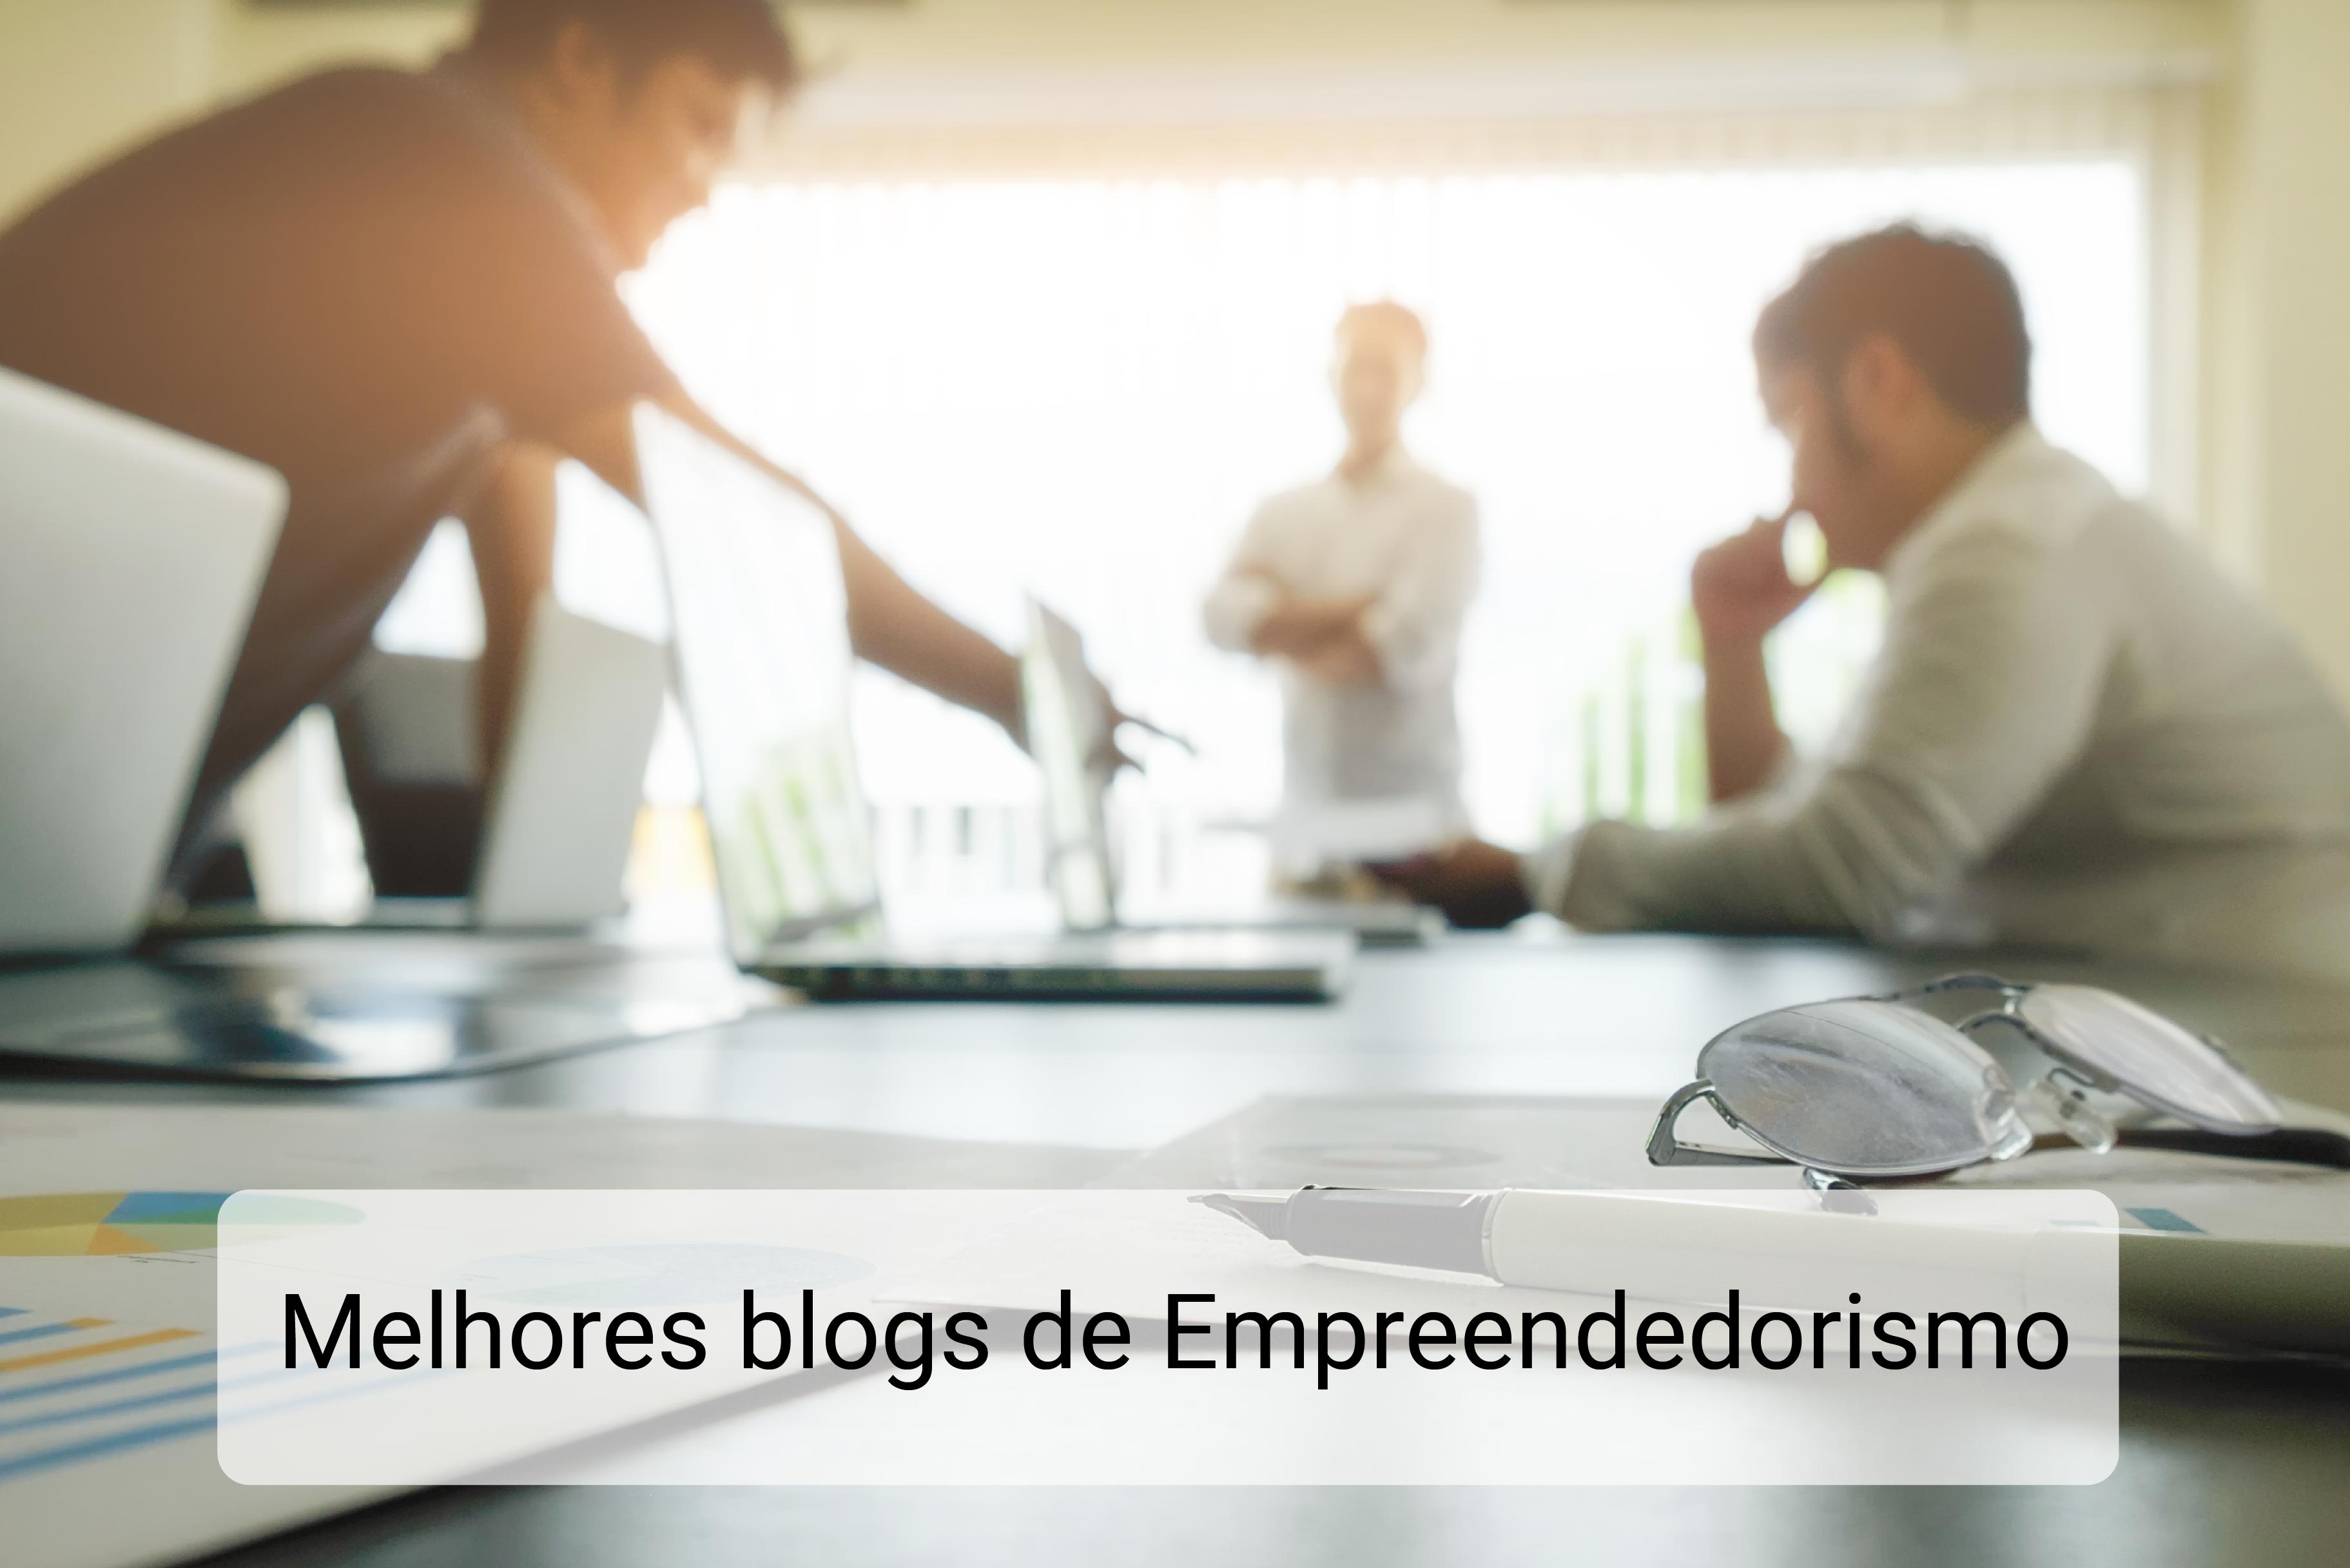 Melhores blogs de Empreendedorismo que todo empreendedor deveria ler